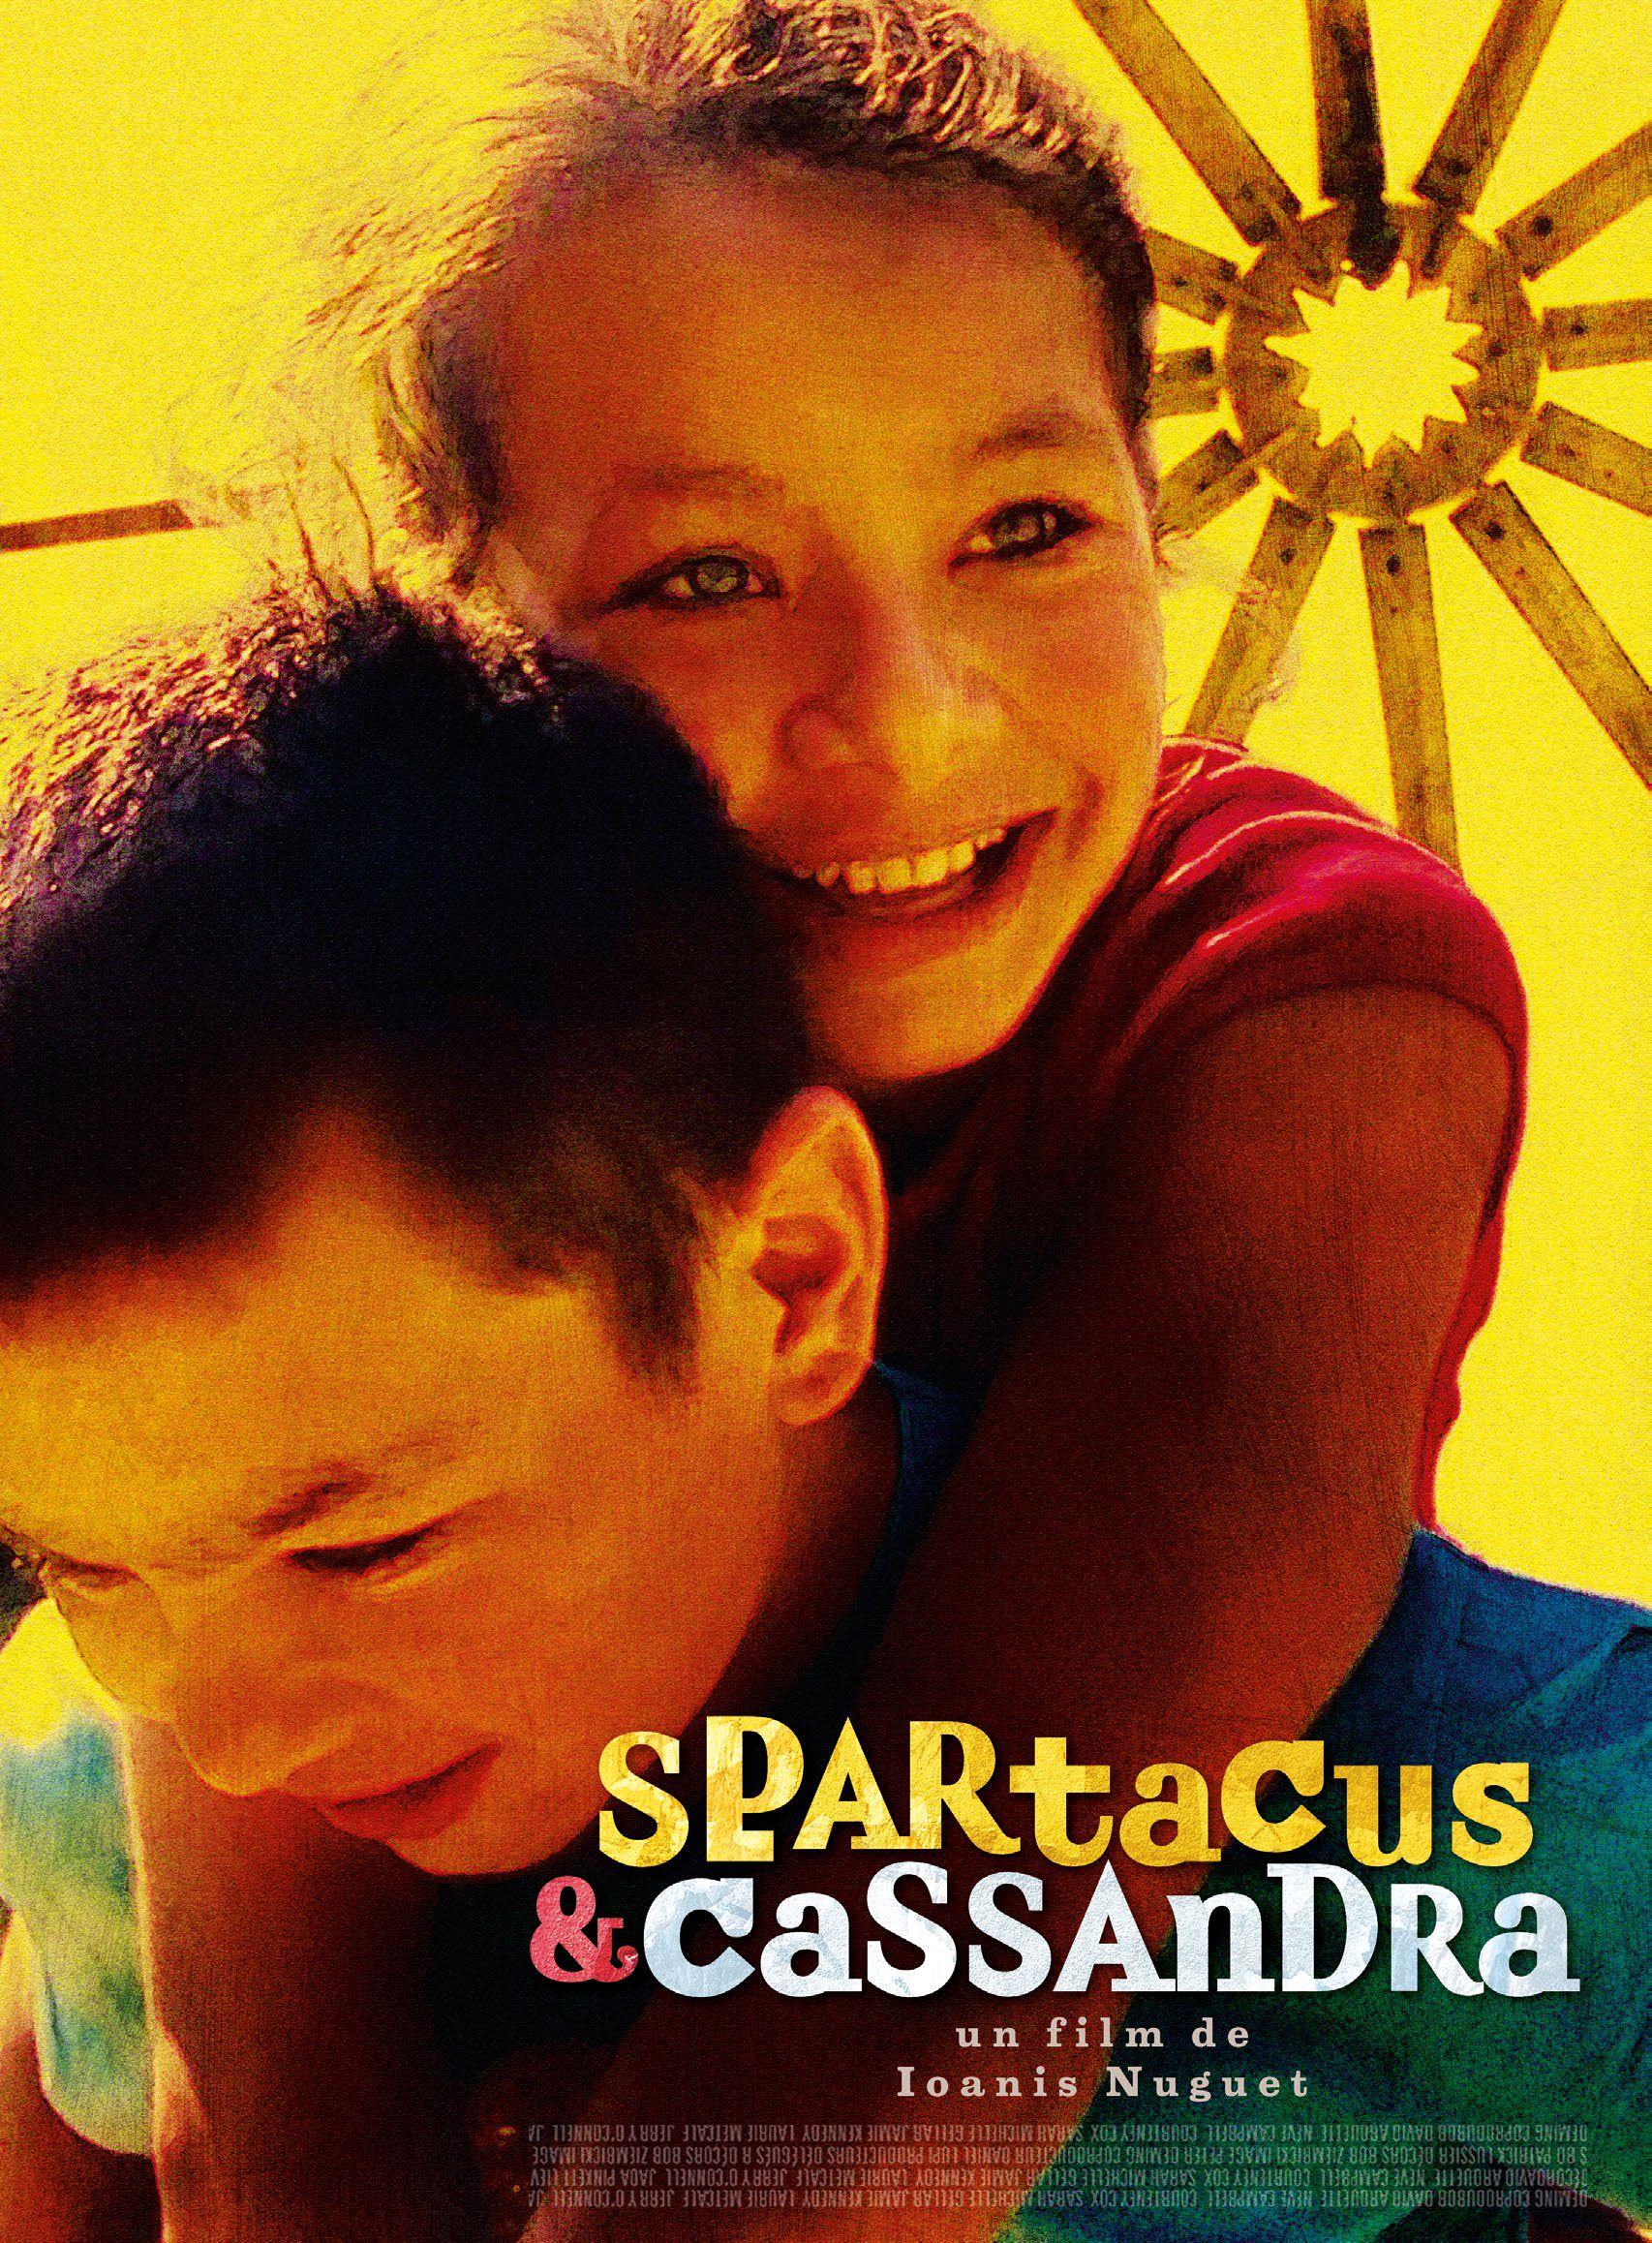 Spartacus & Cassandra - Documentaire (2015)